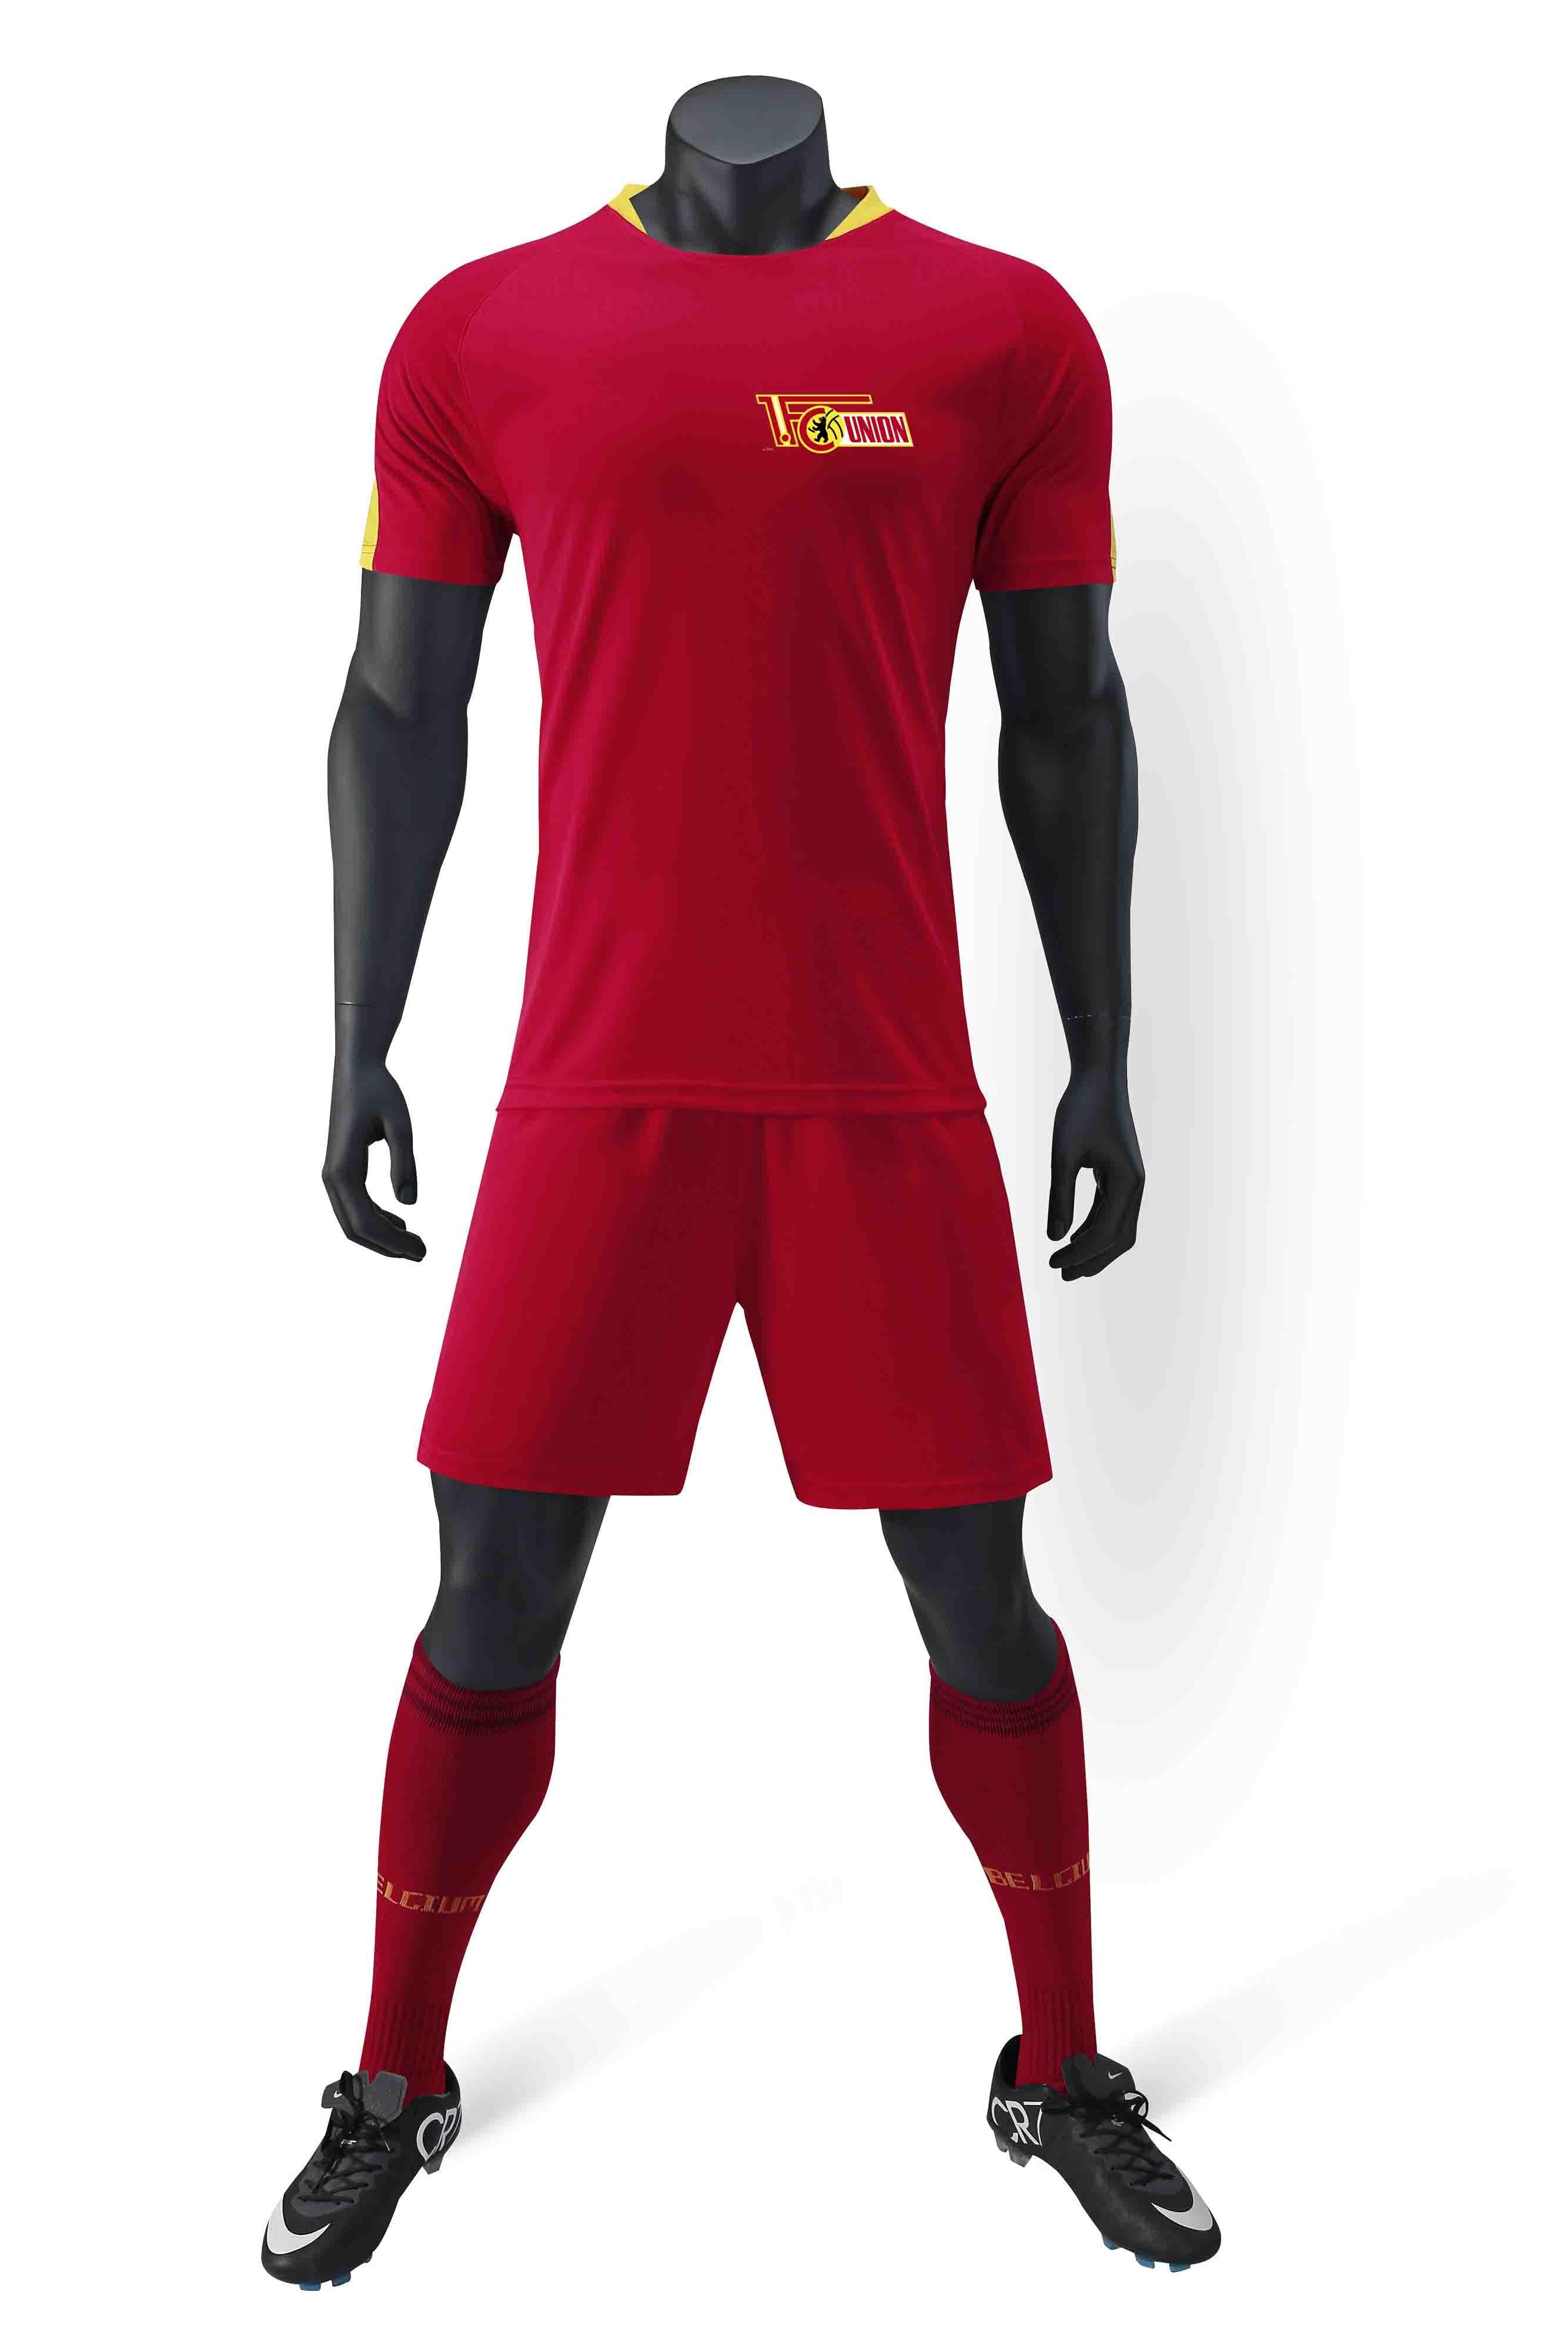 FC Union Berlin 100% полиэстер спорта новый шаблон случайные футболки футбол костюм обучение модные мужские футбольные костюмы